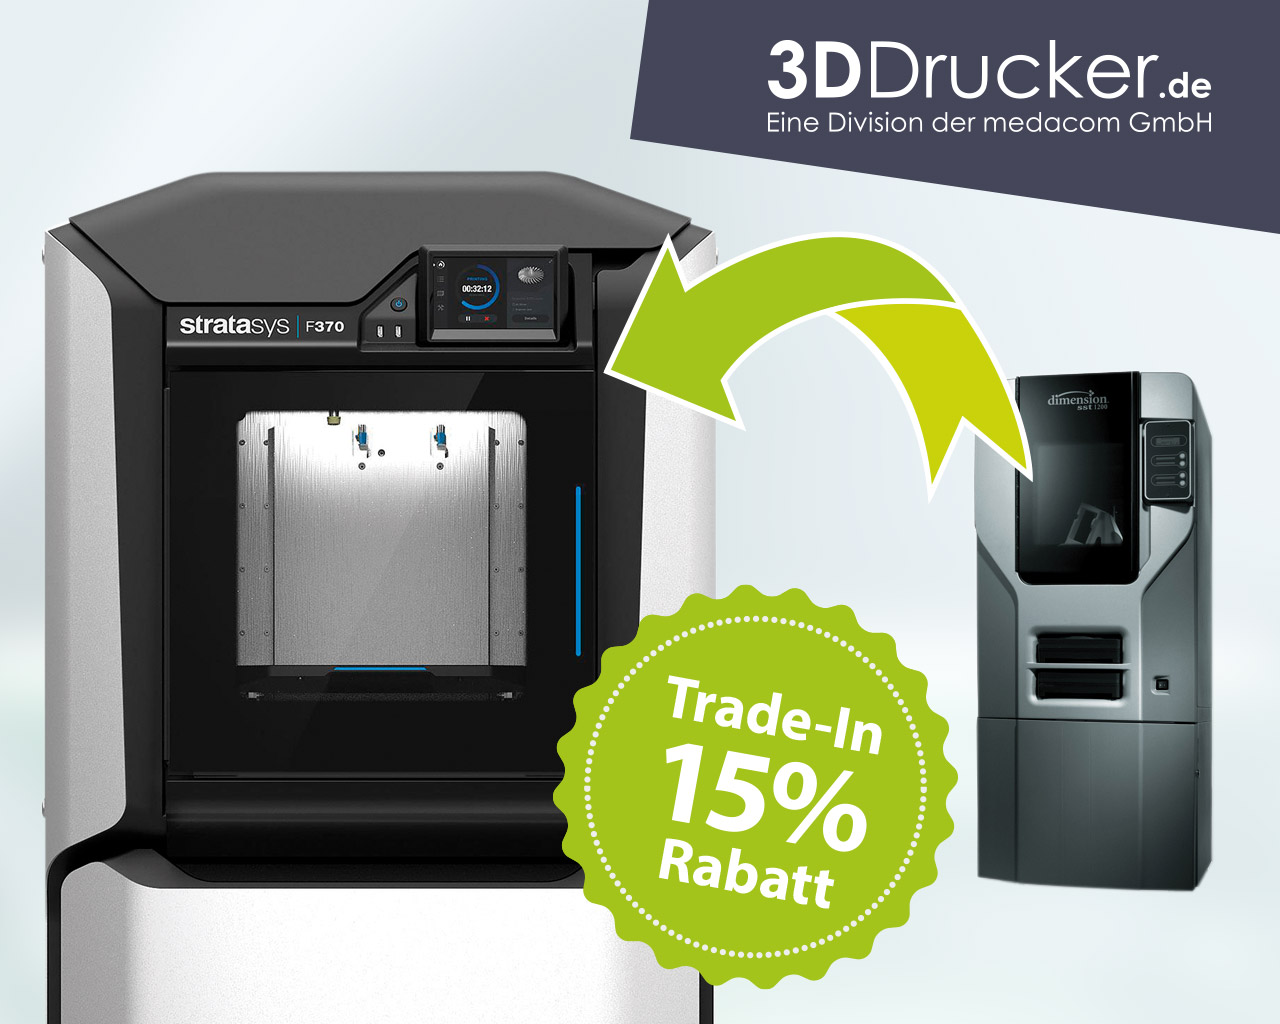 3D Druck Angebot | 15% TradeIn-Rabatt